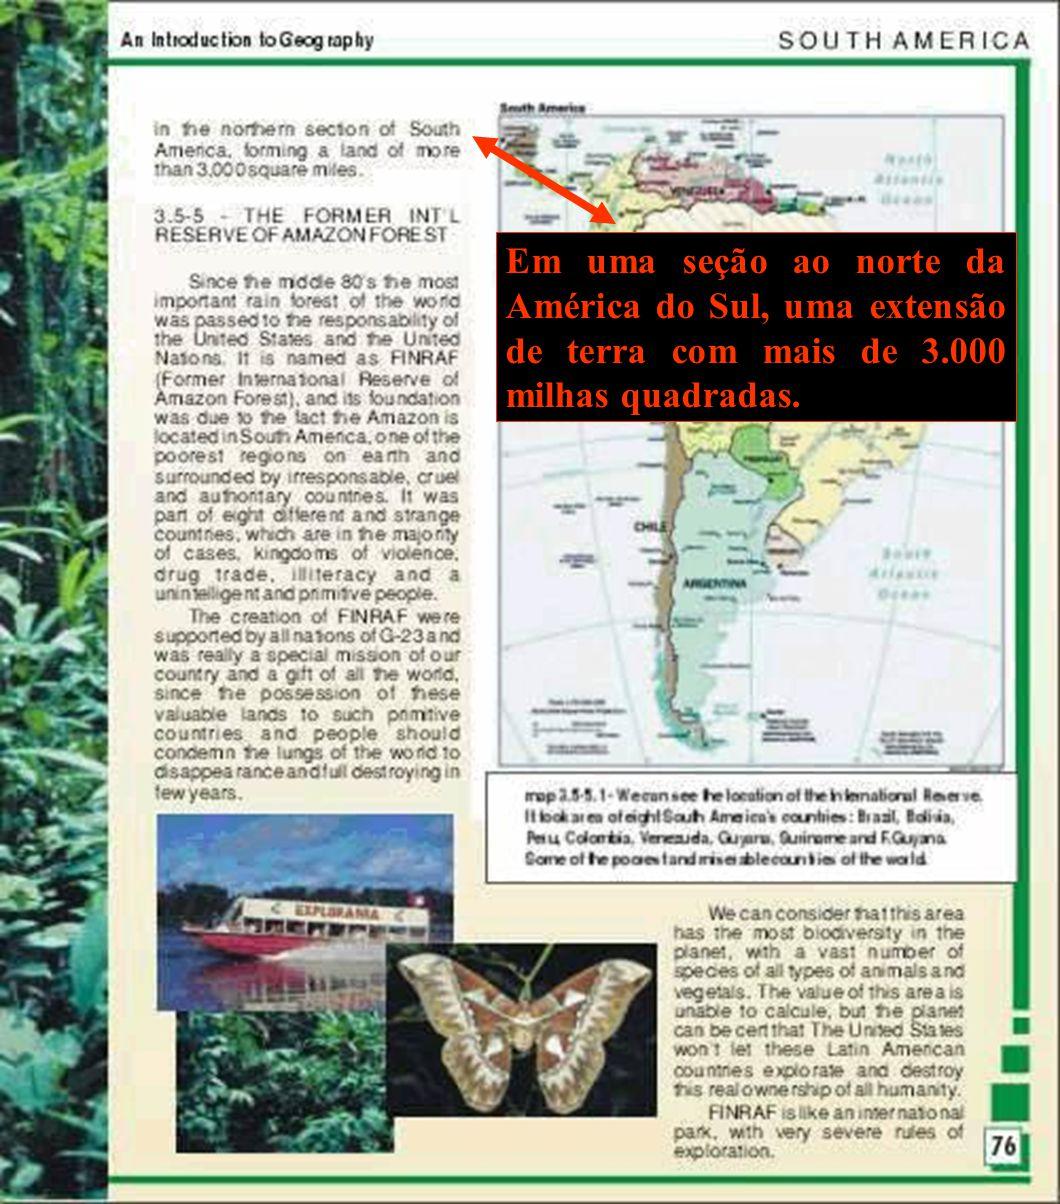 Em uma seção ao norte da América do Sul, uma extensão de terra com mais de 3.000 milhas quadradas.